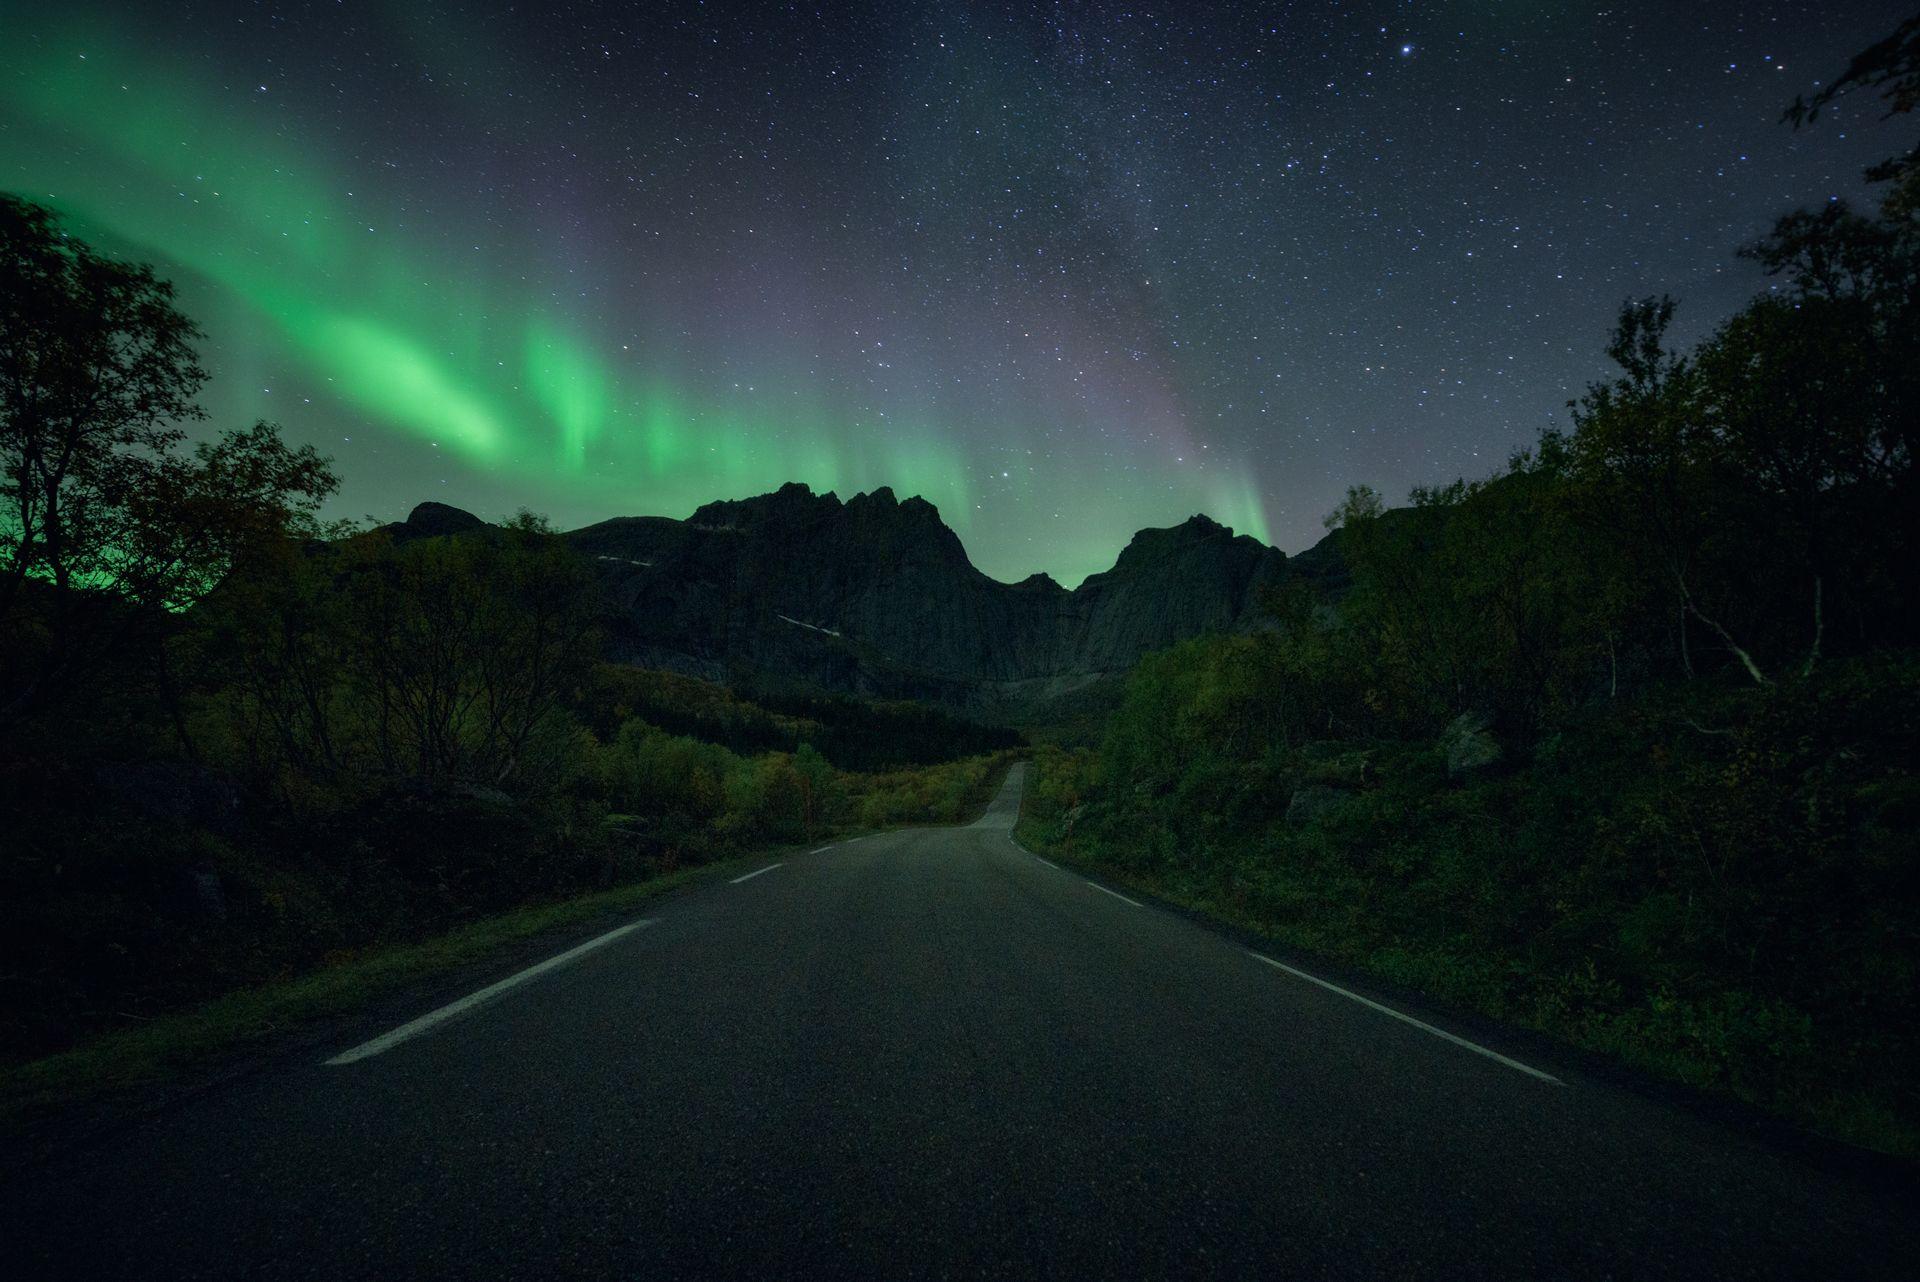 норвегия, северное сияние, пейзаж, Виноградов Дмитрий